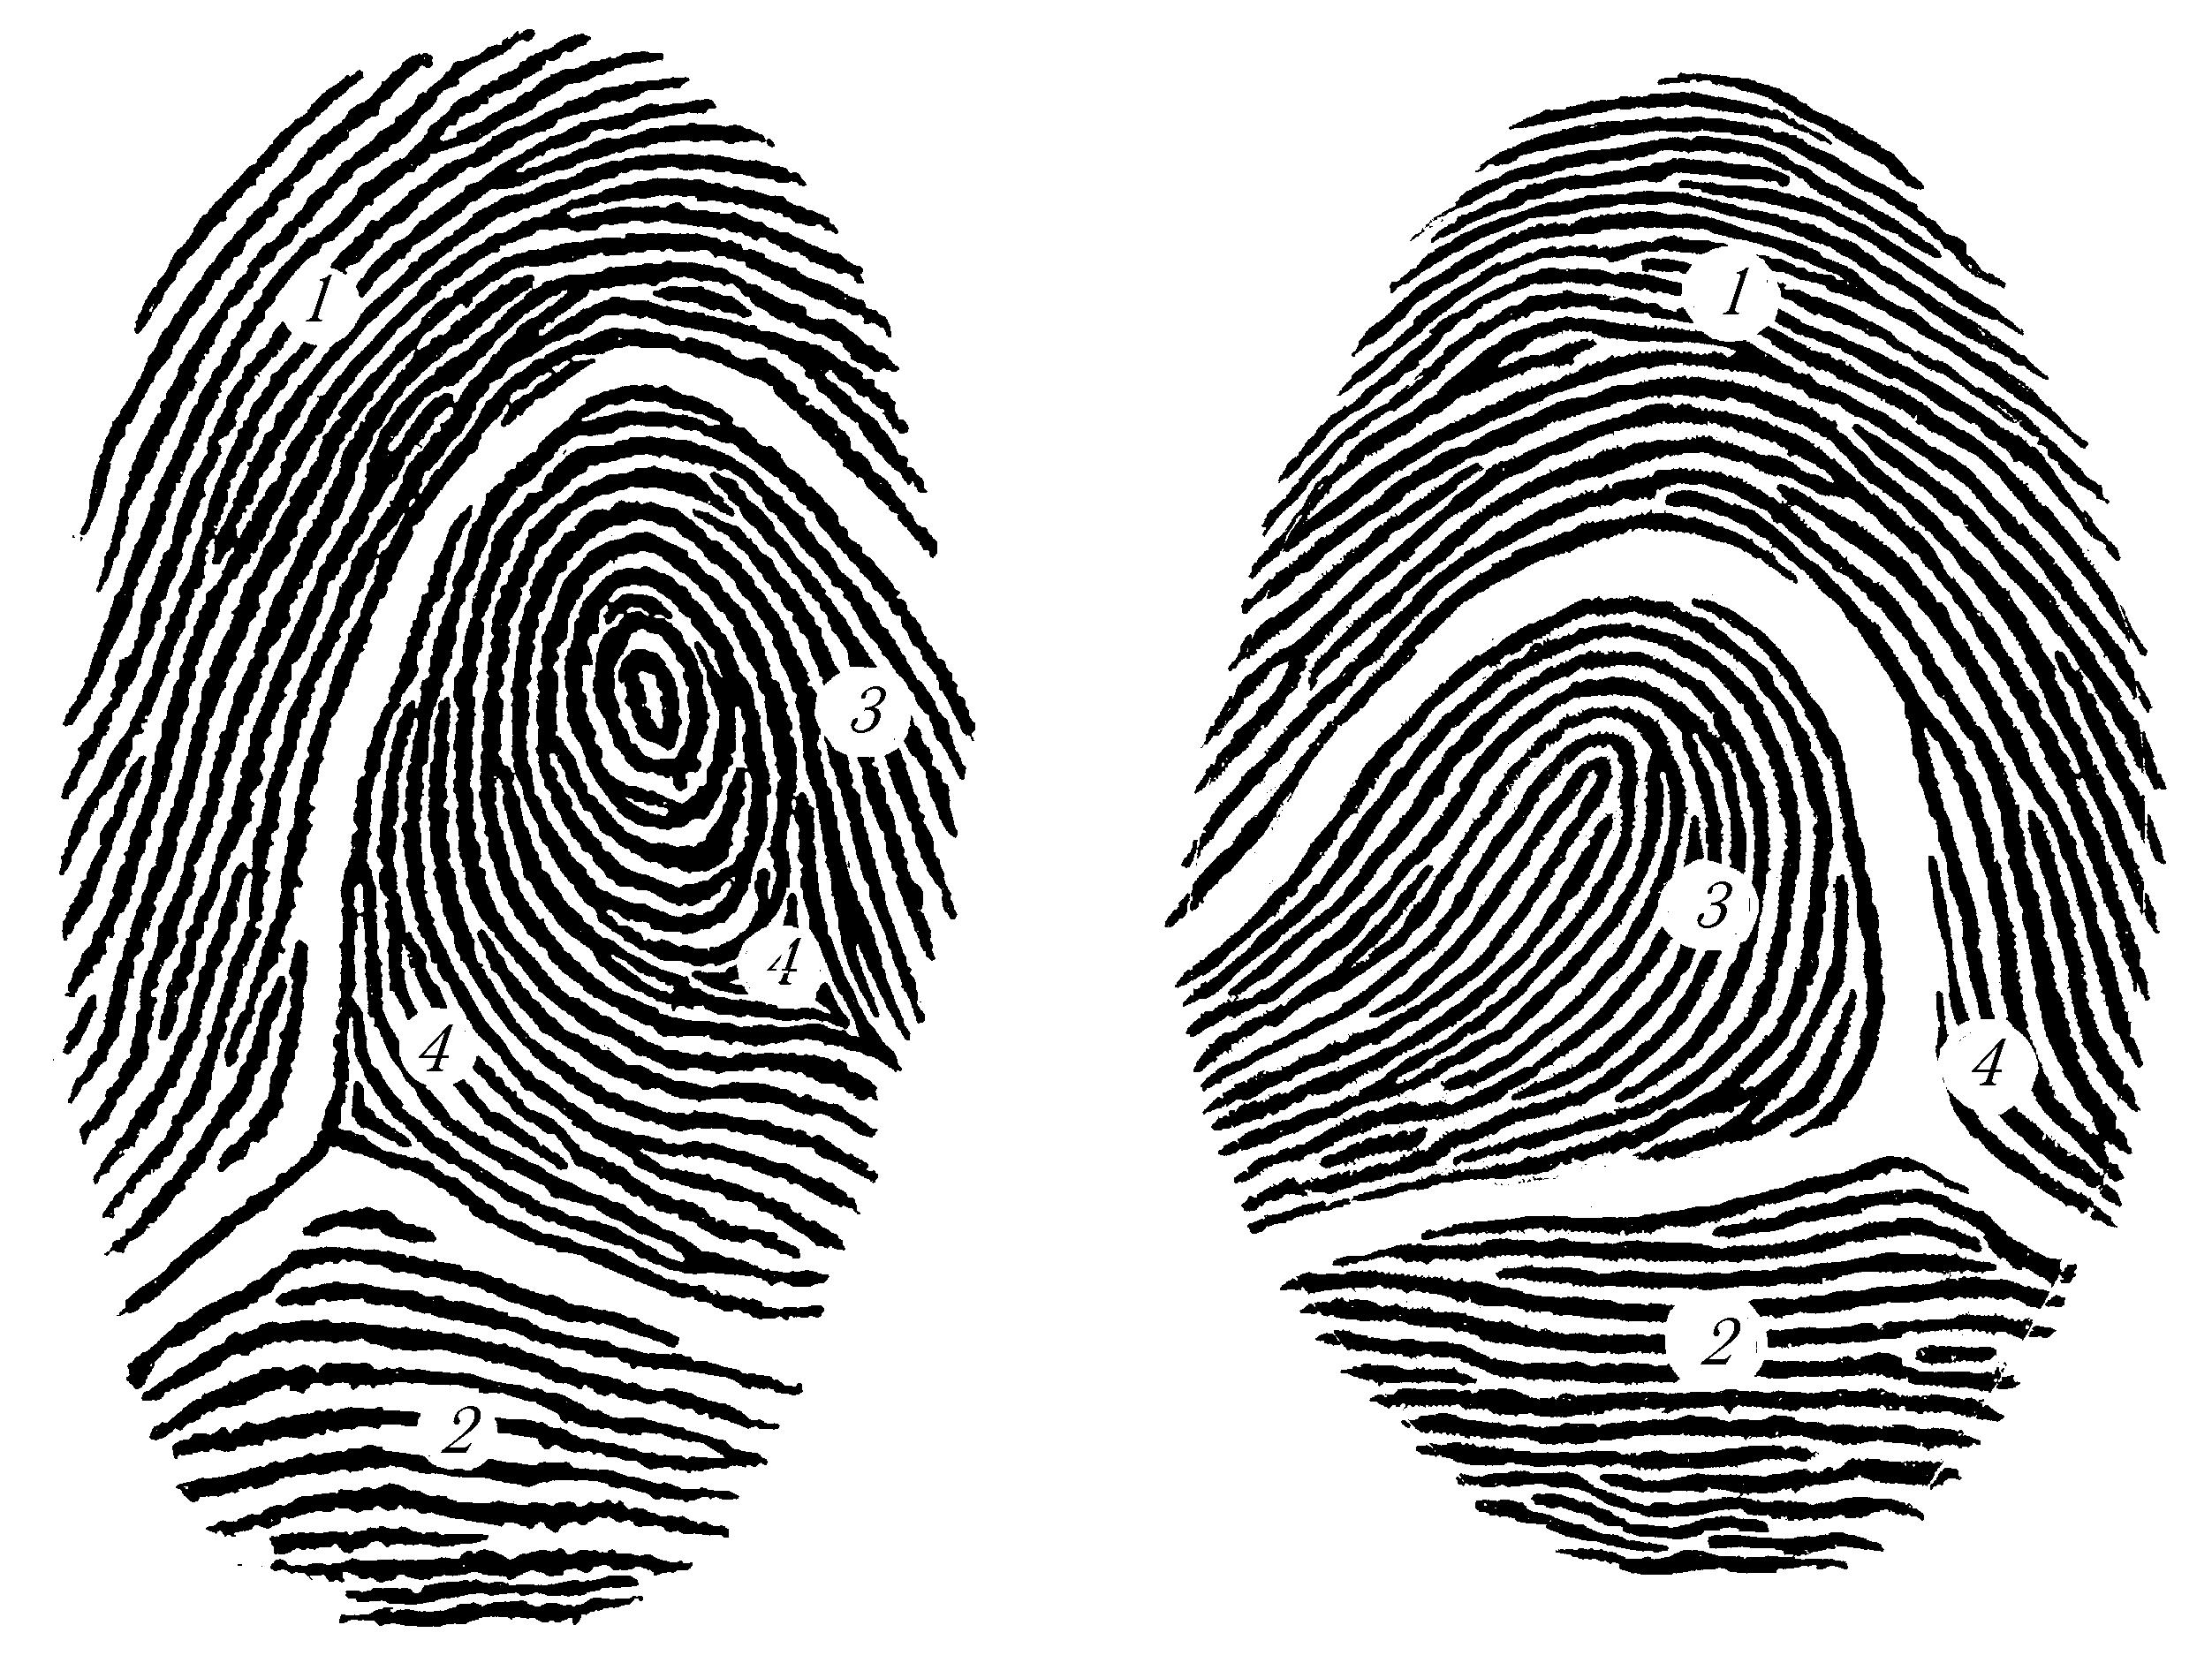 типы папиллярных узоров пальцев рук картинки середине века